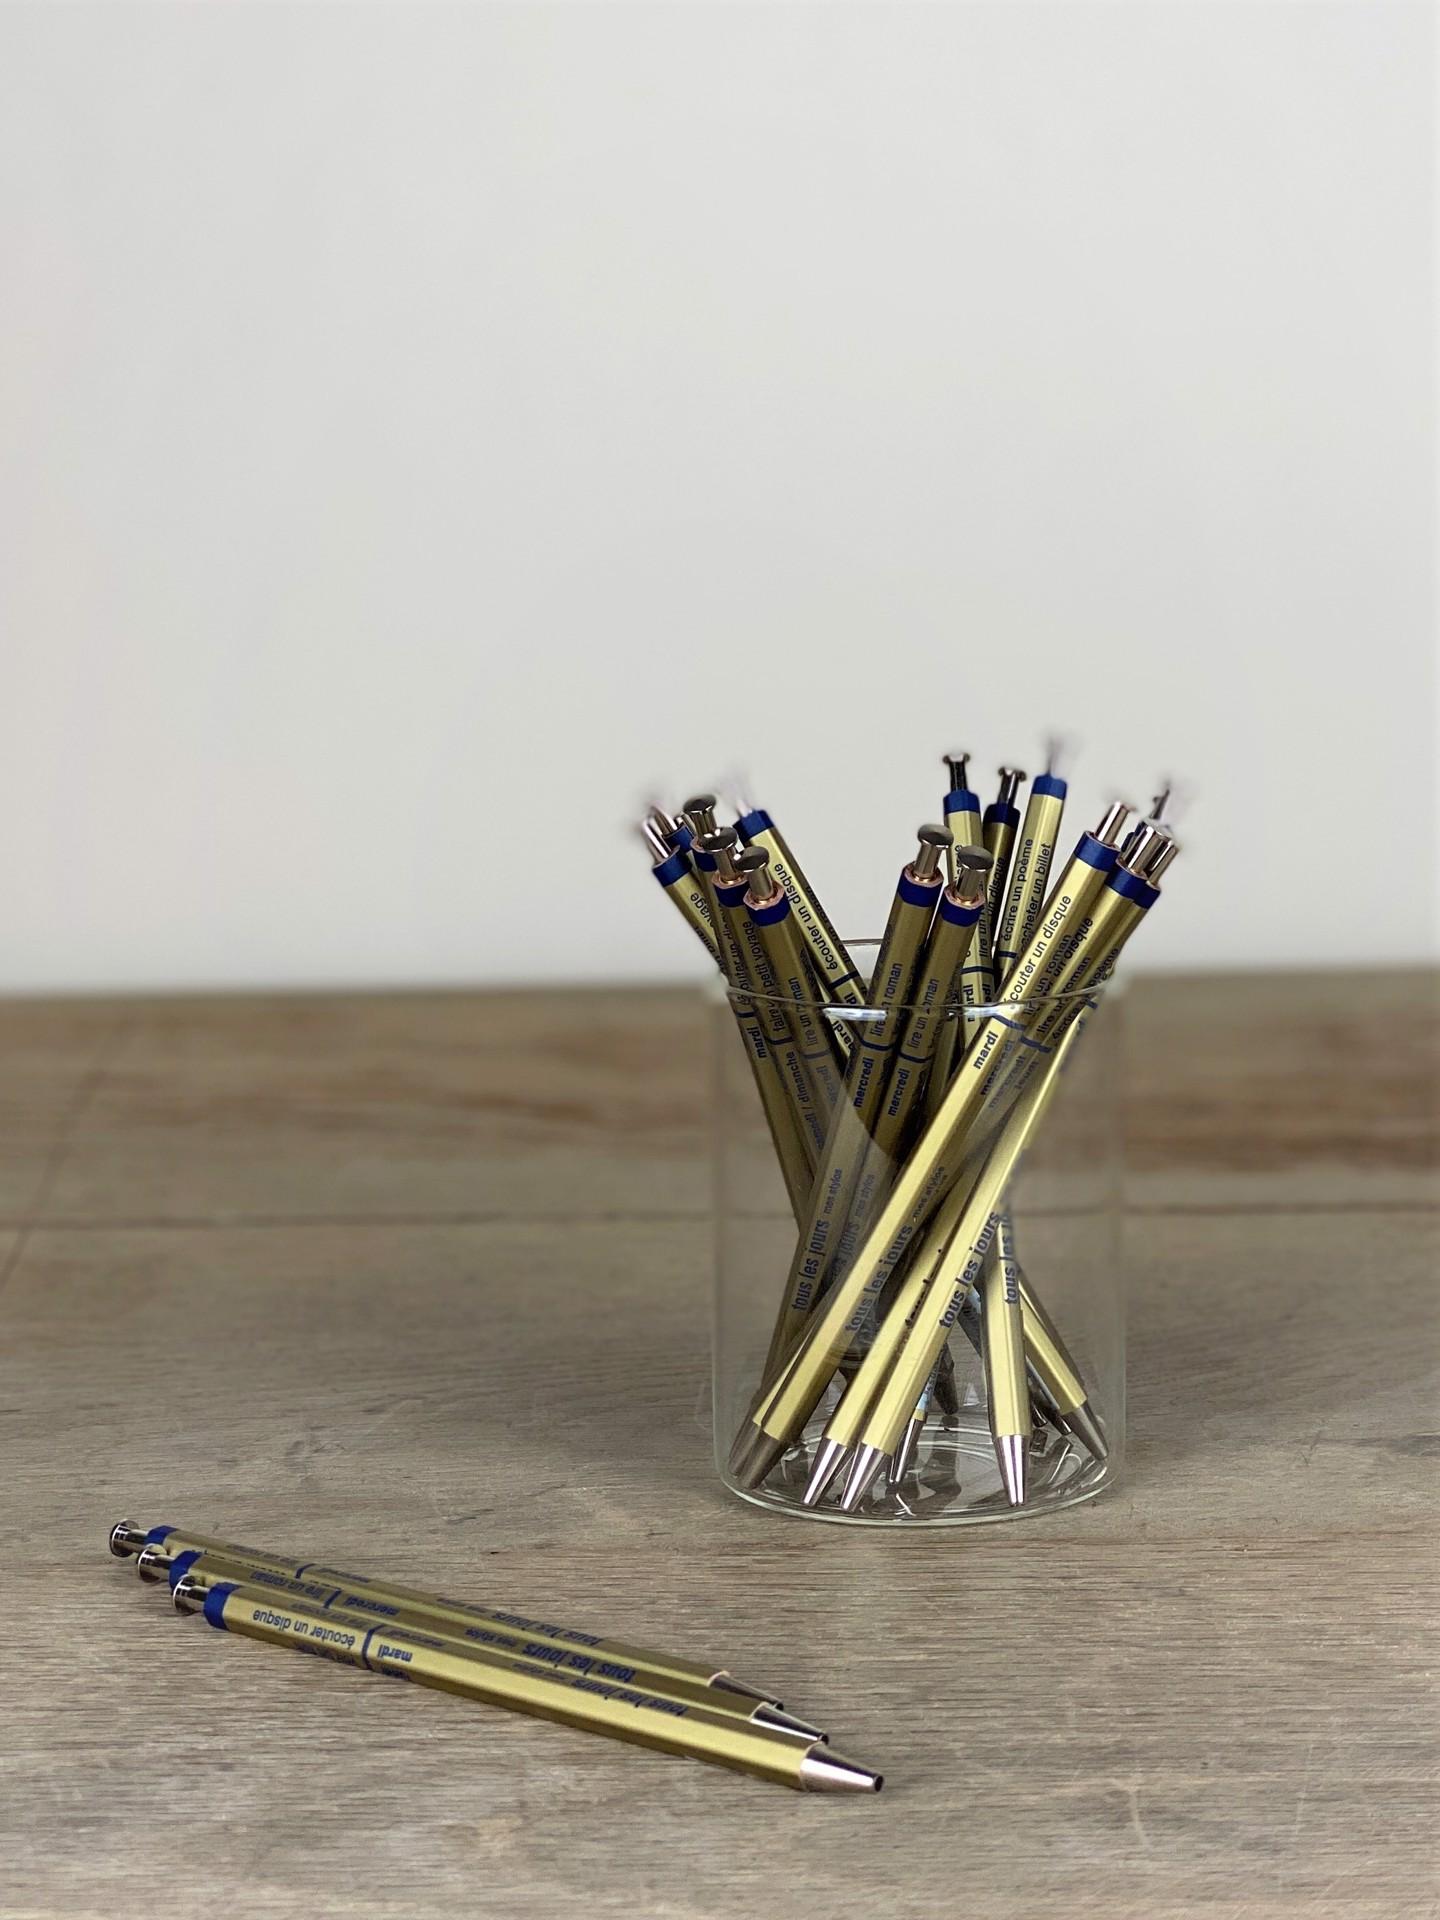 Kugelschreiber extraschlank mit japanischer Needlepoint Mine gold